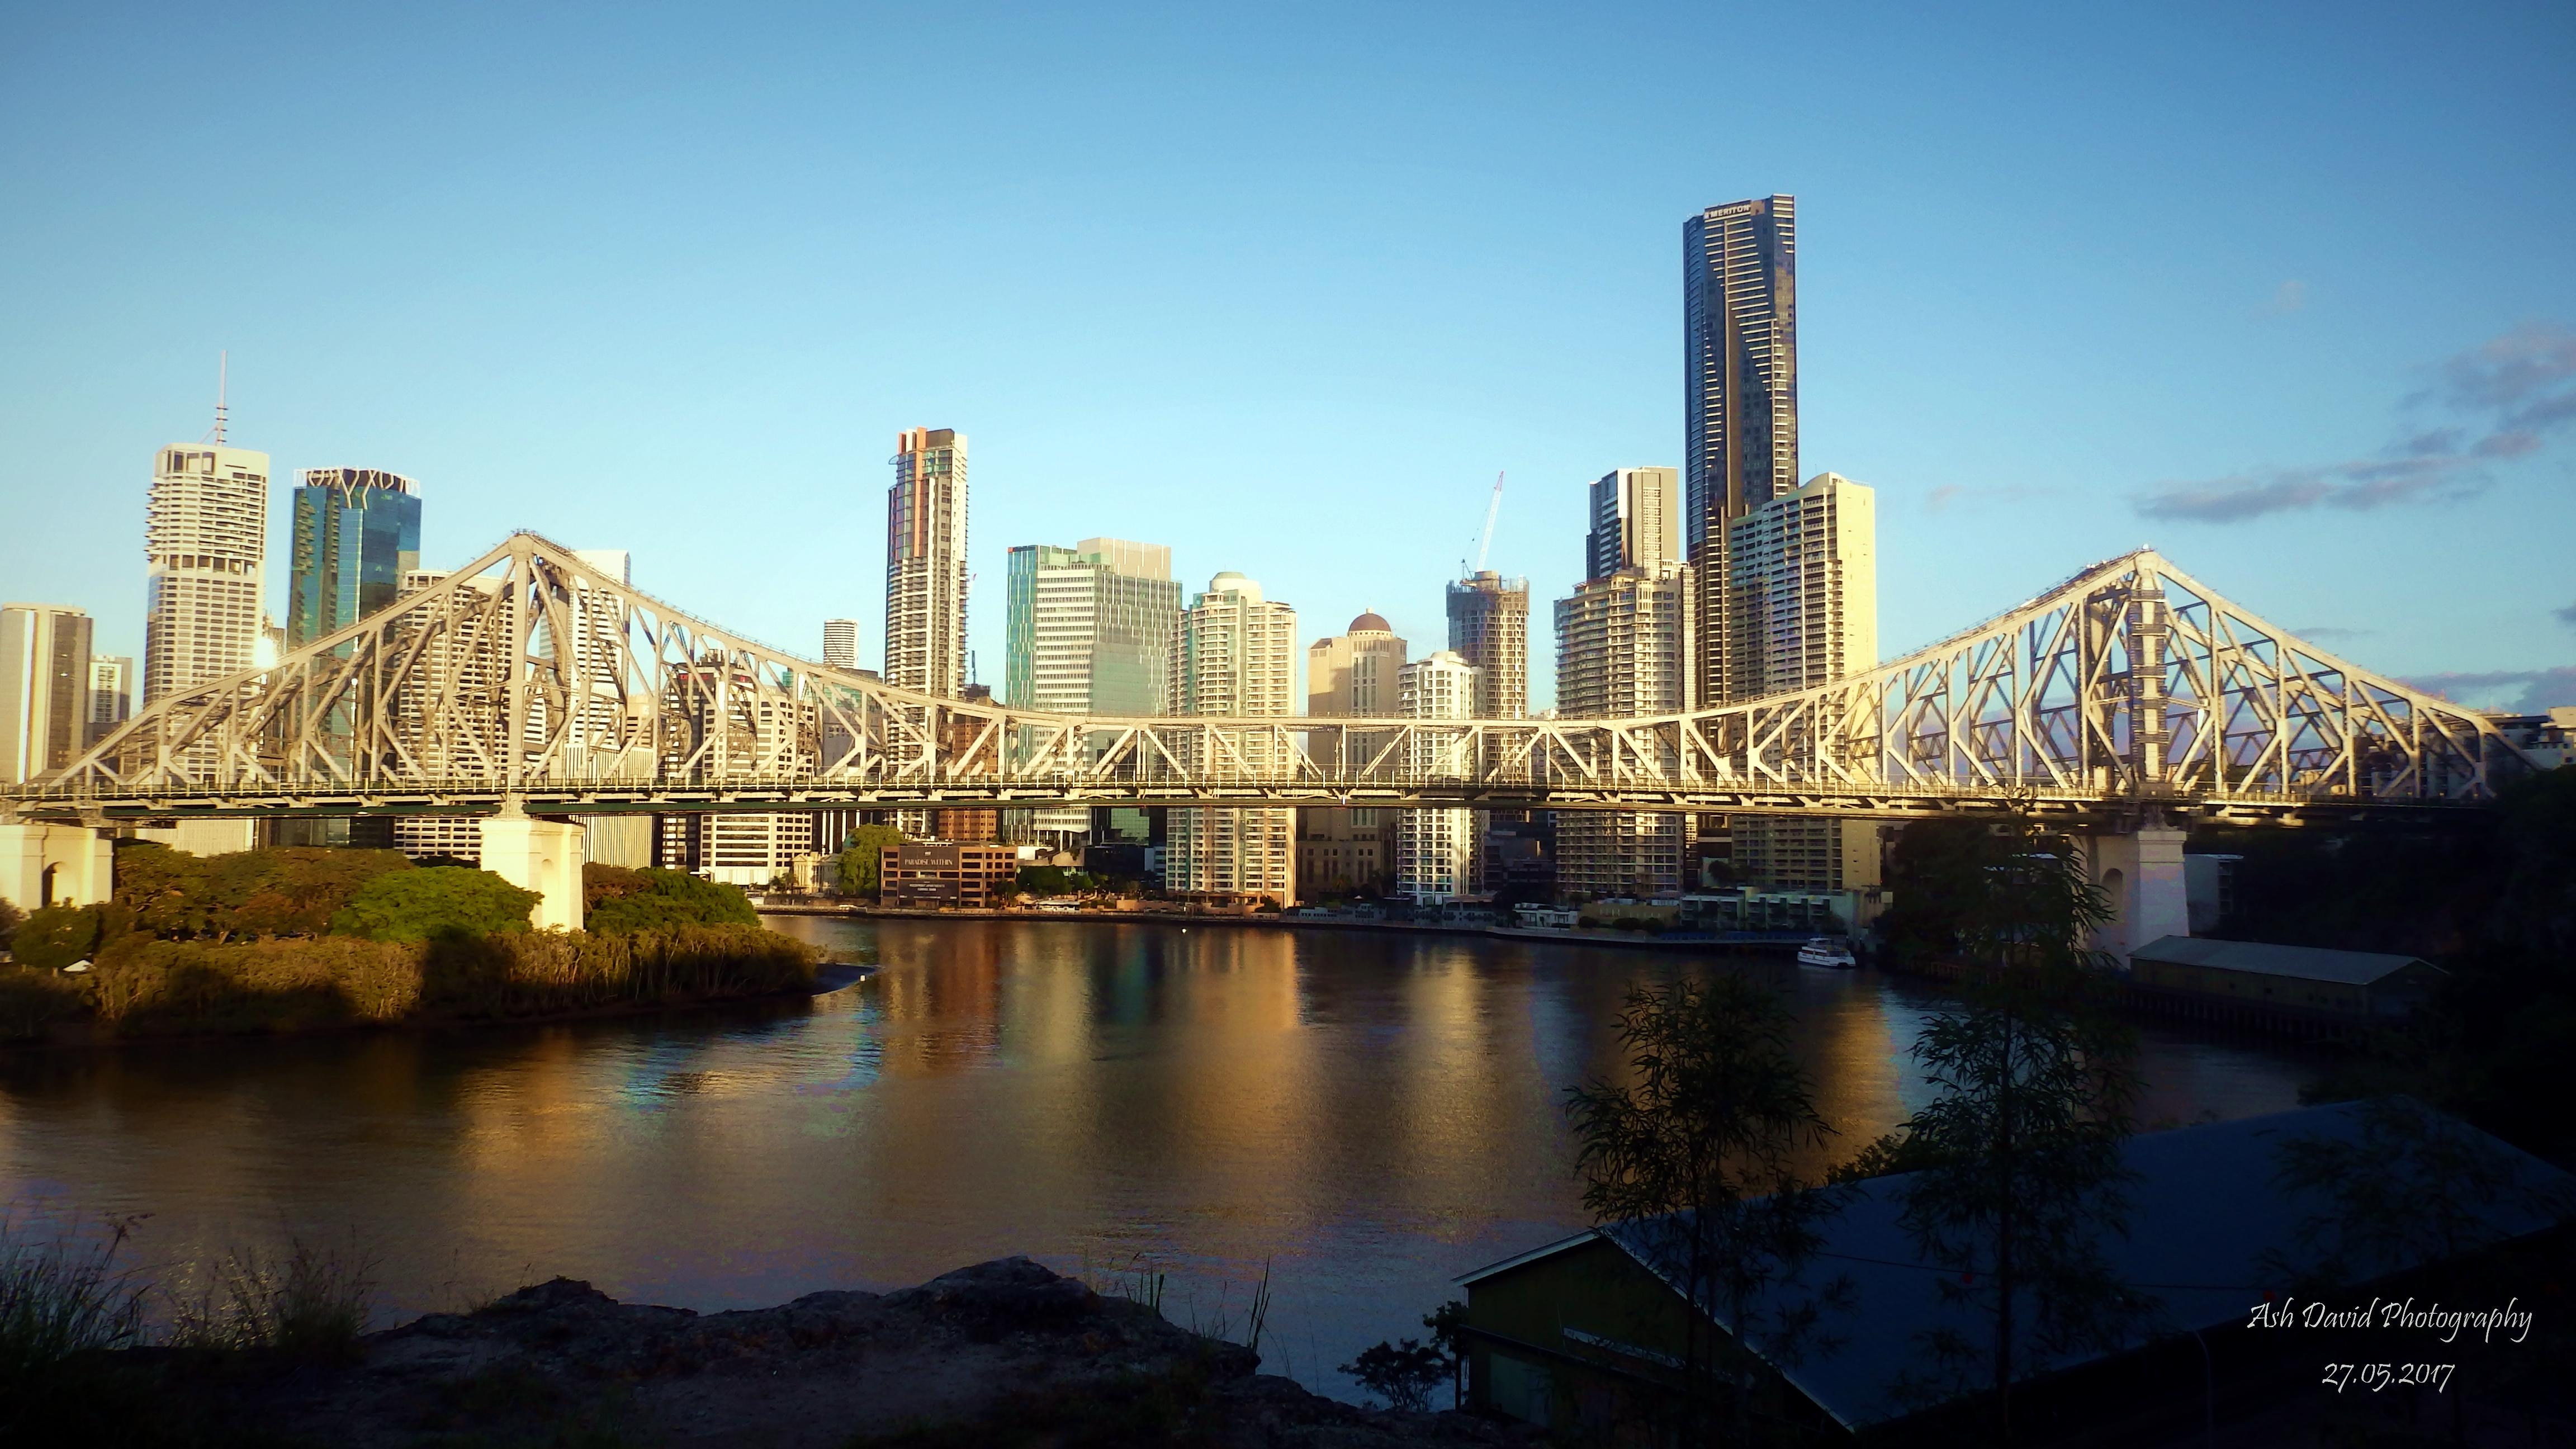 Brisbane's storey bridge